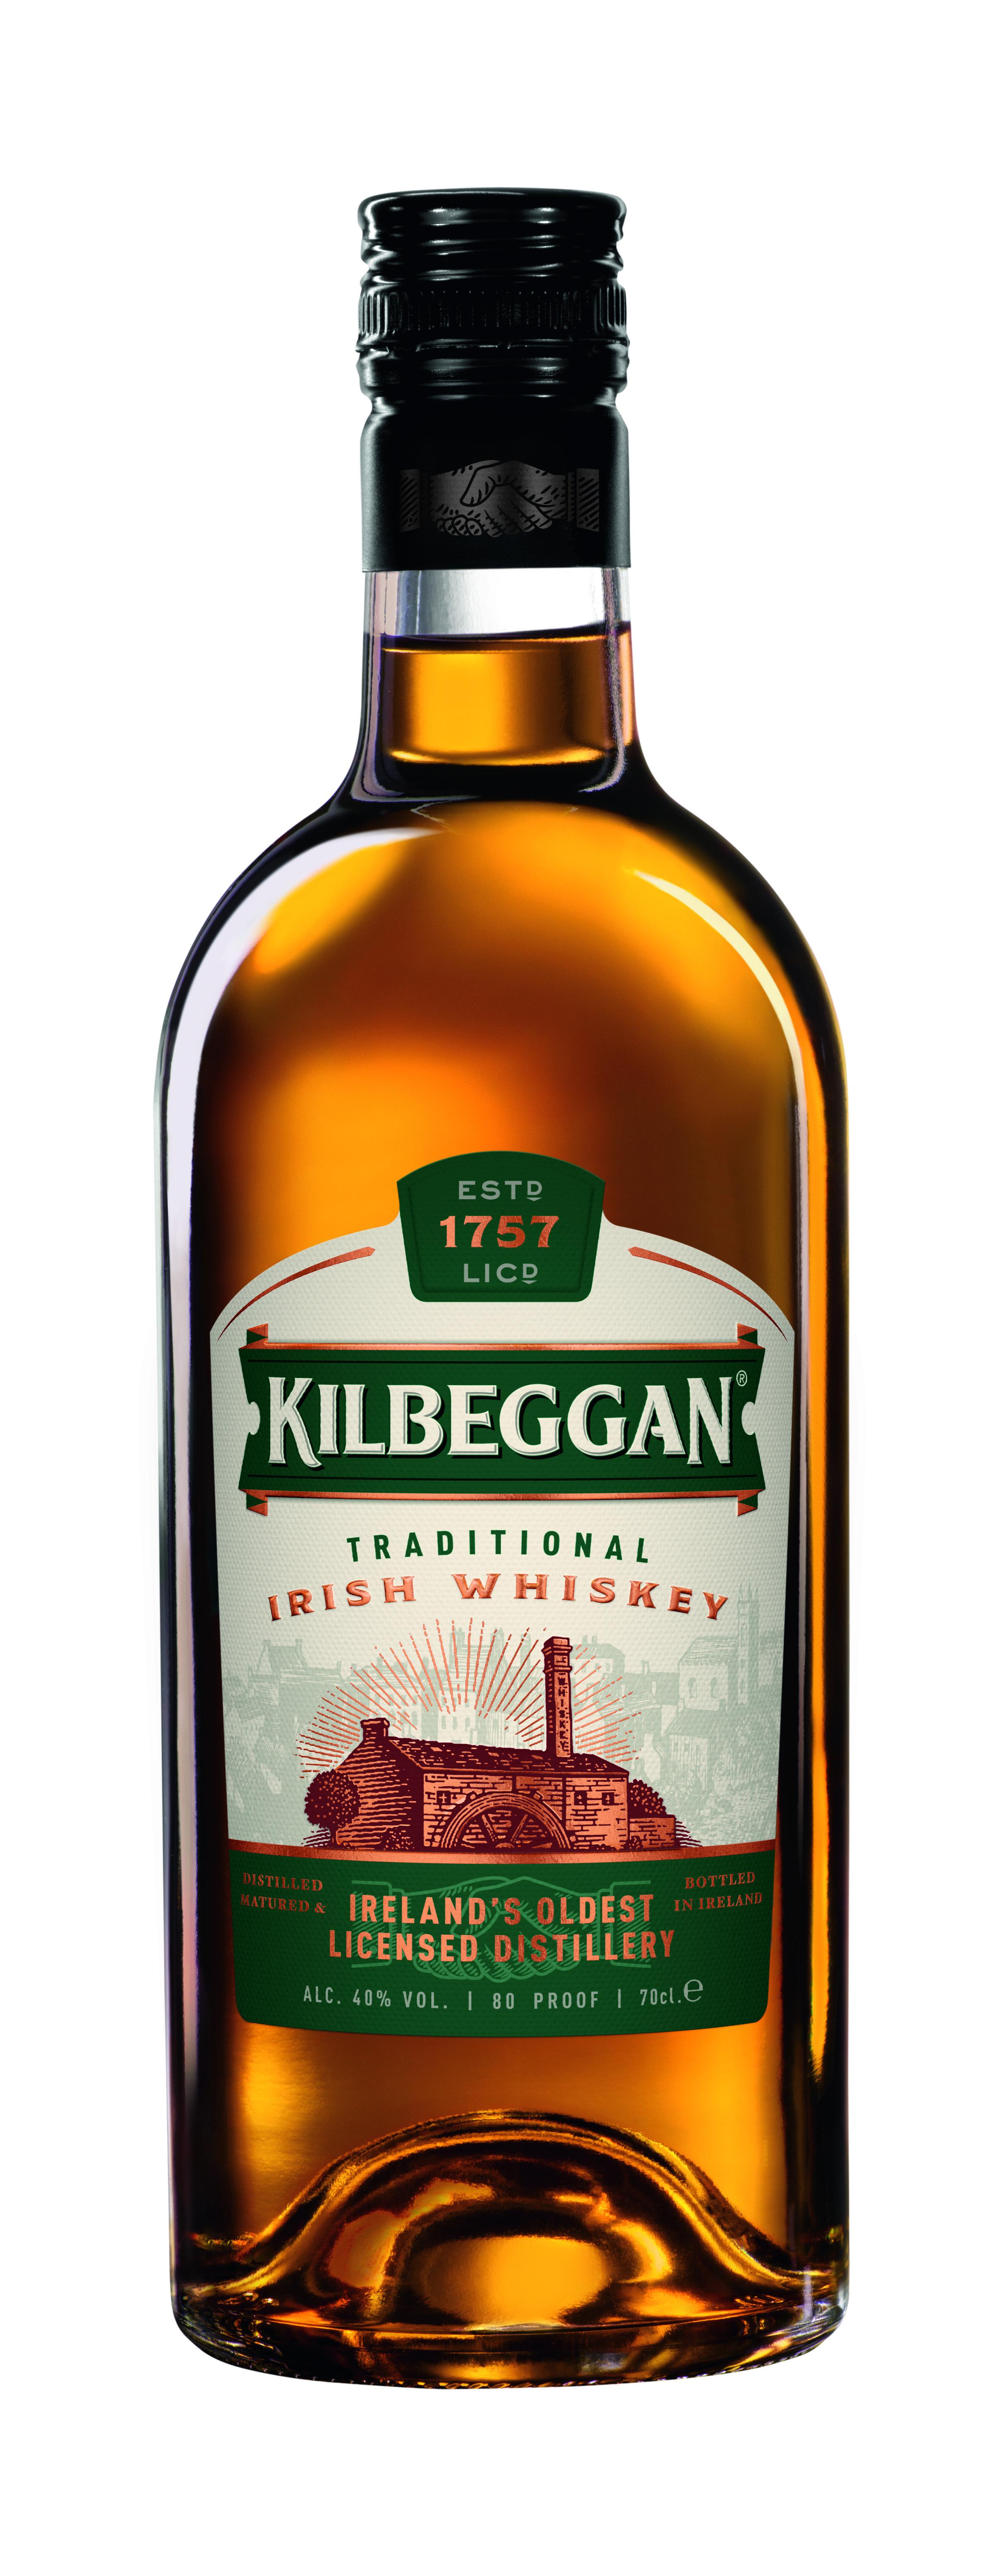 Neues Design für Kilbeggan